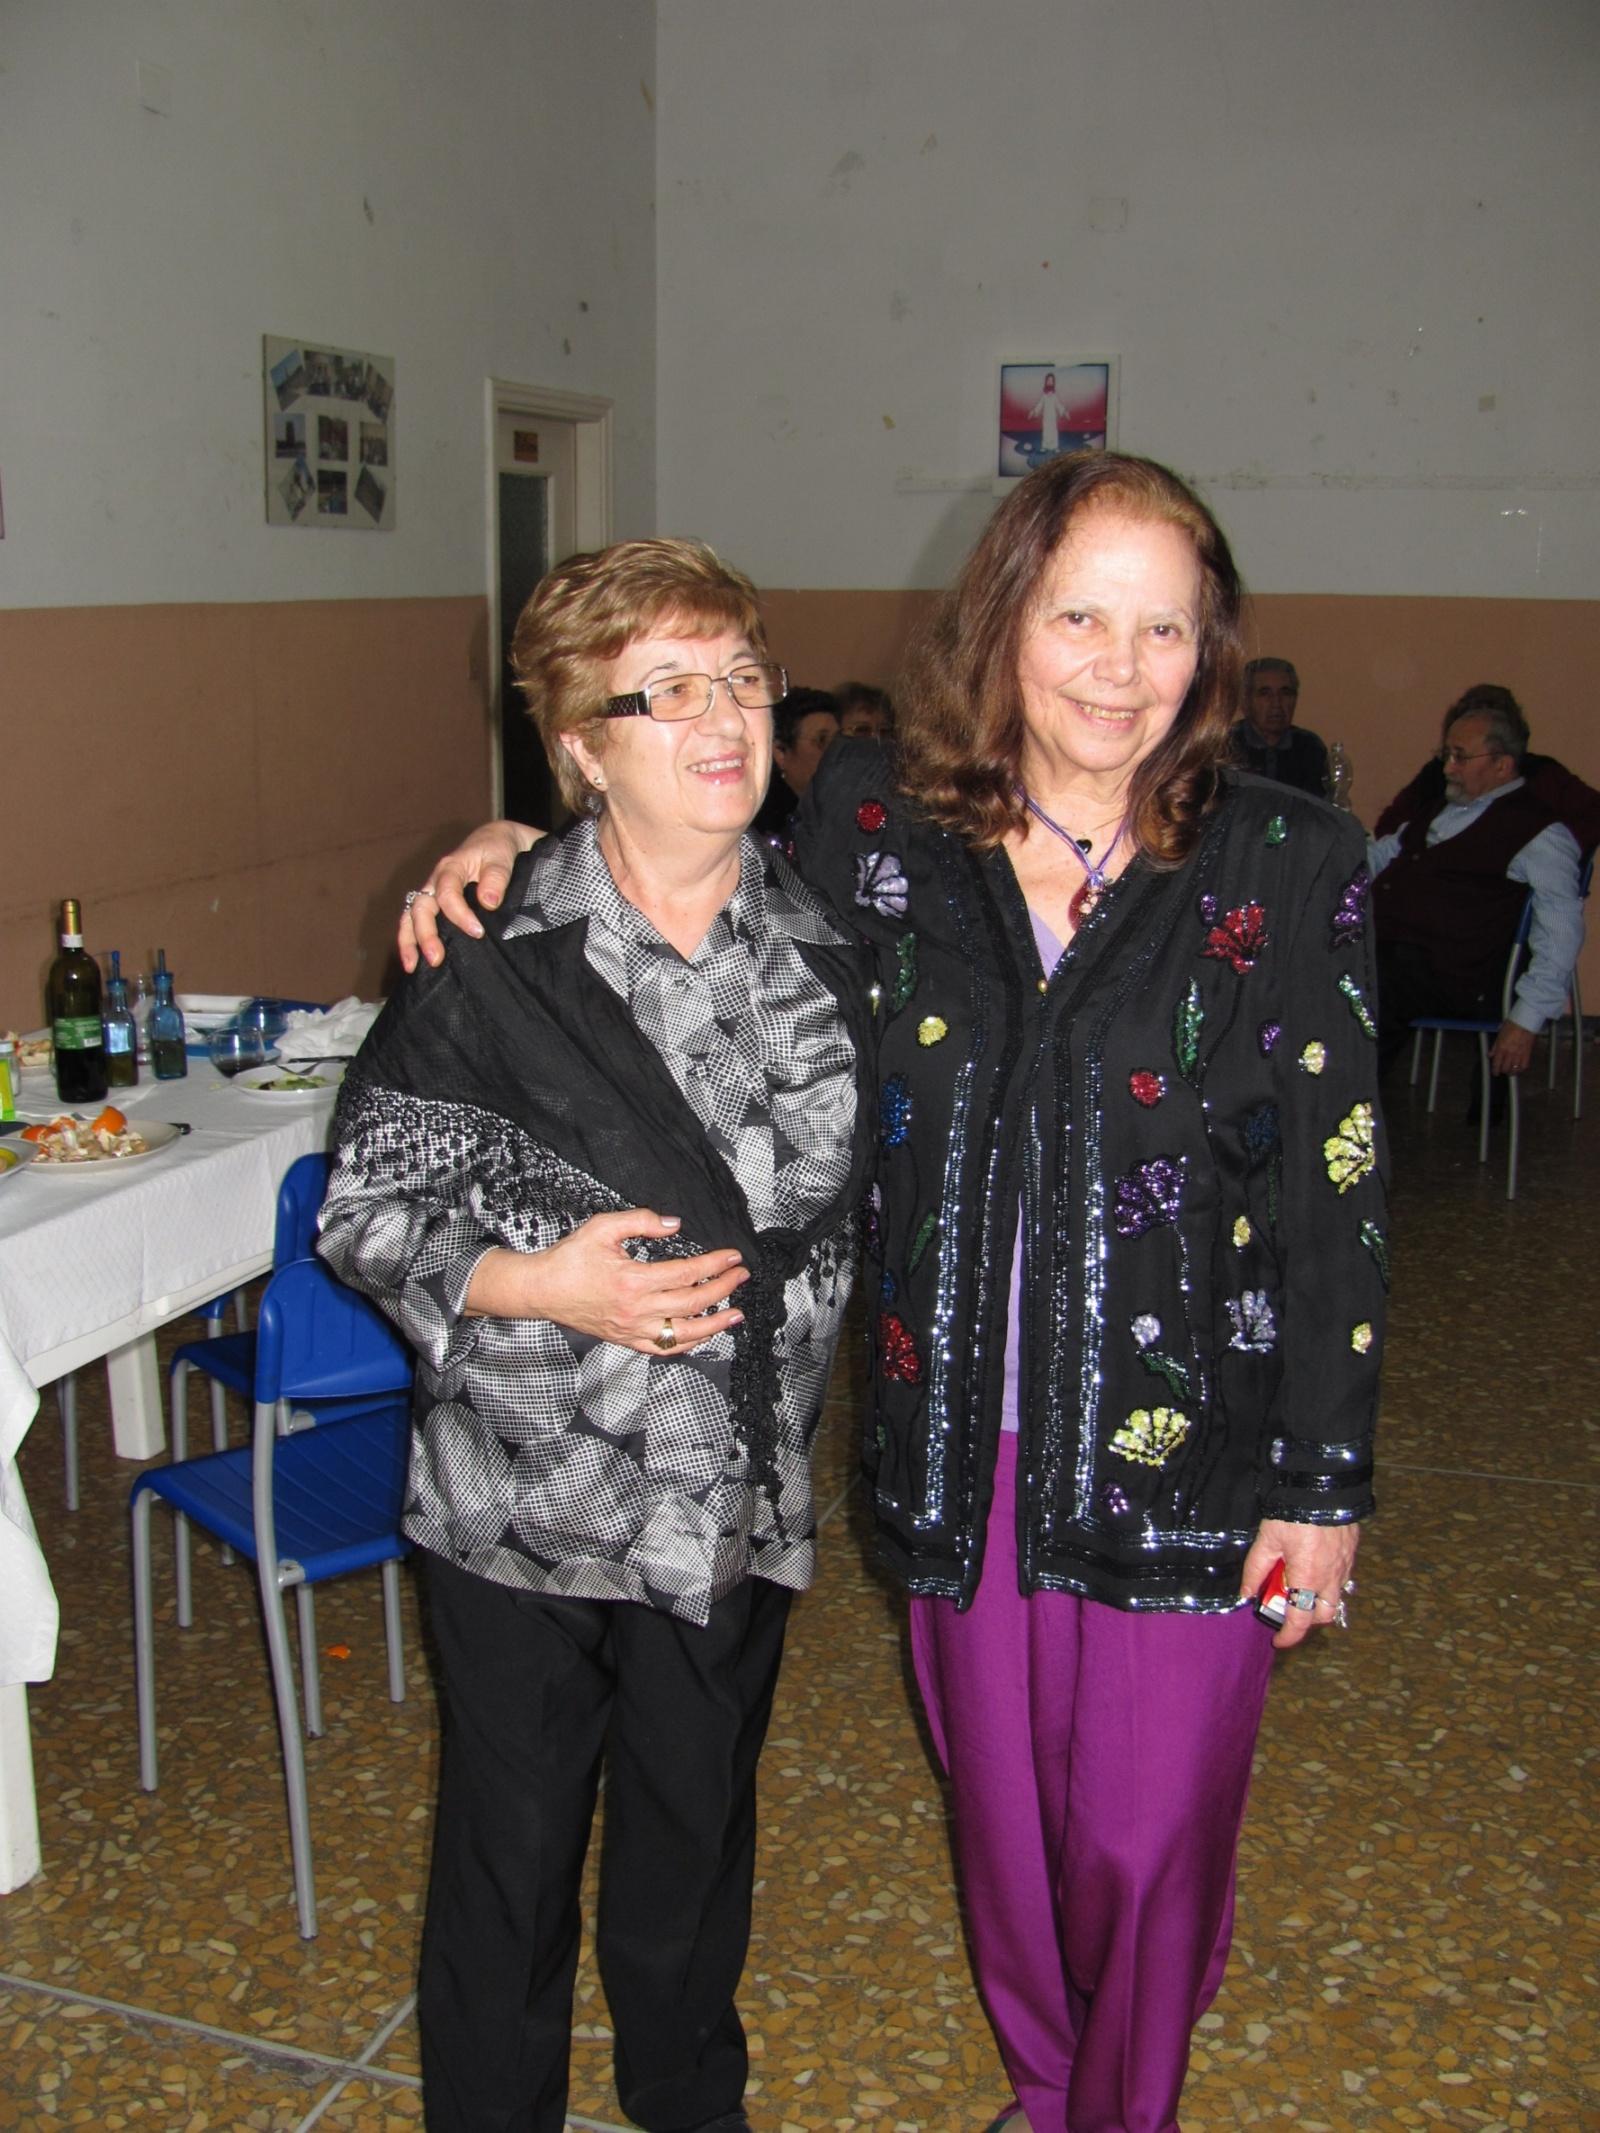 cenone_capodanno_2012-12-31-23-04-40